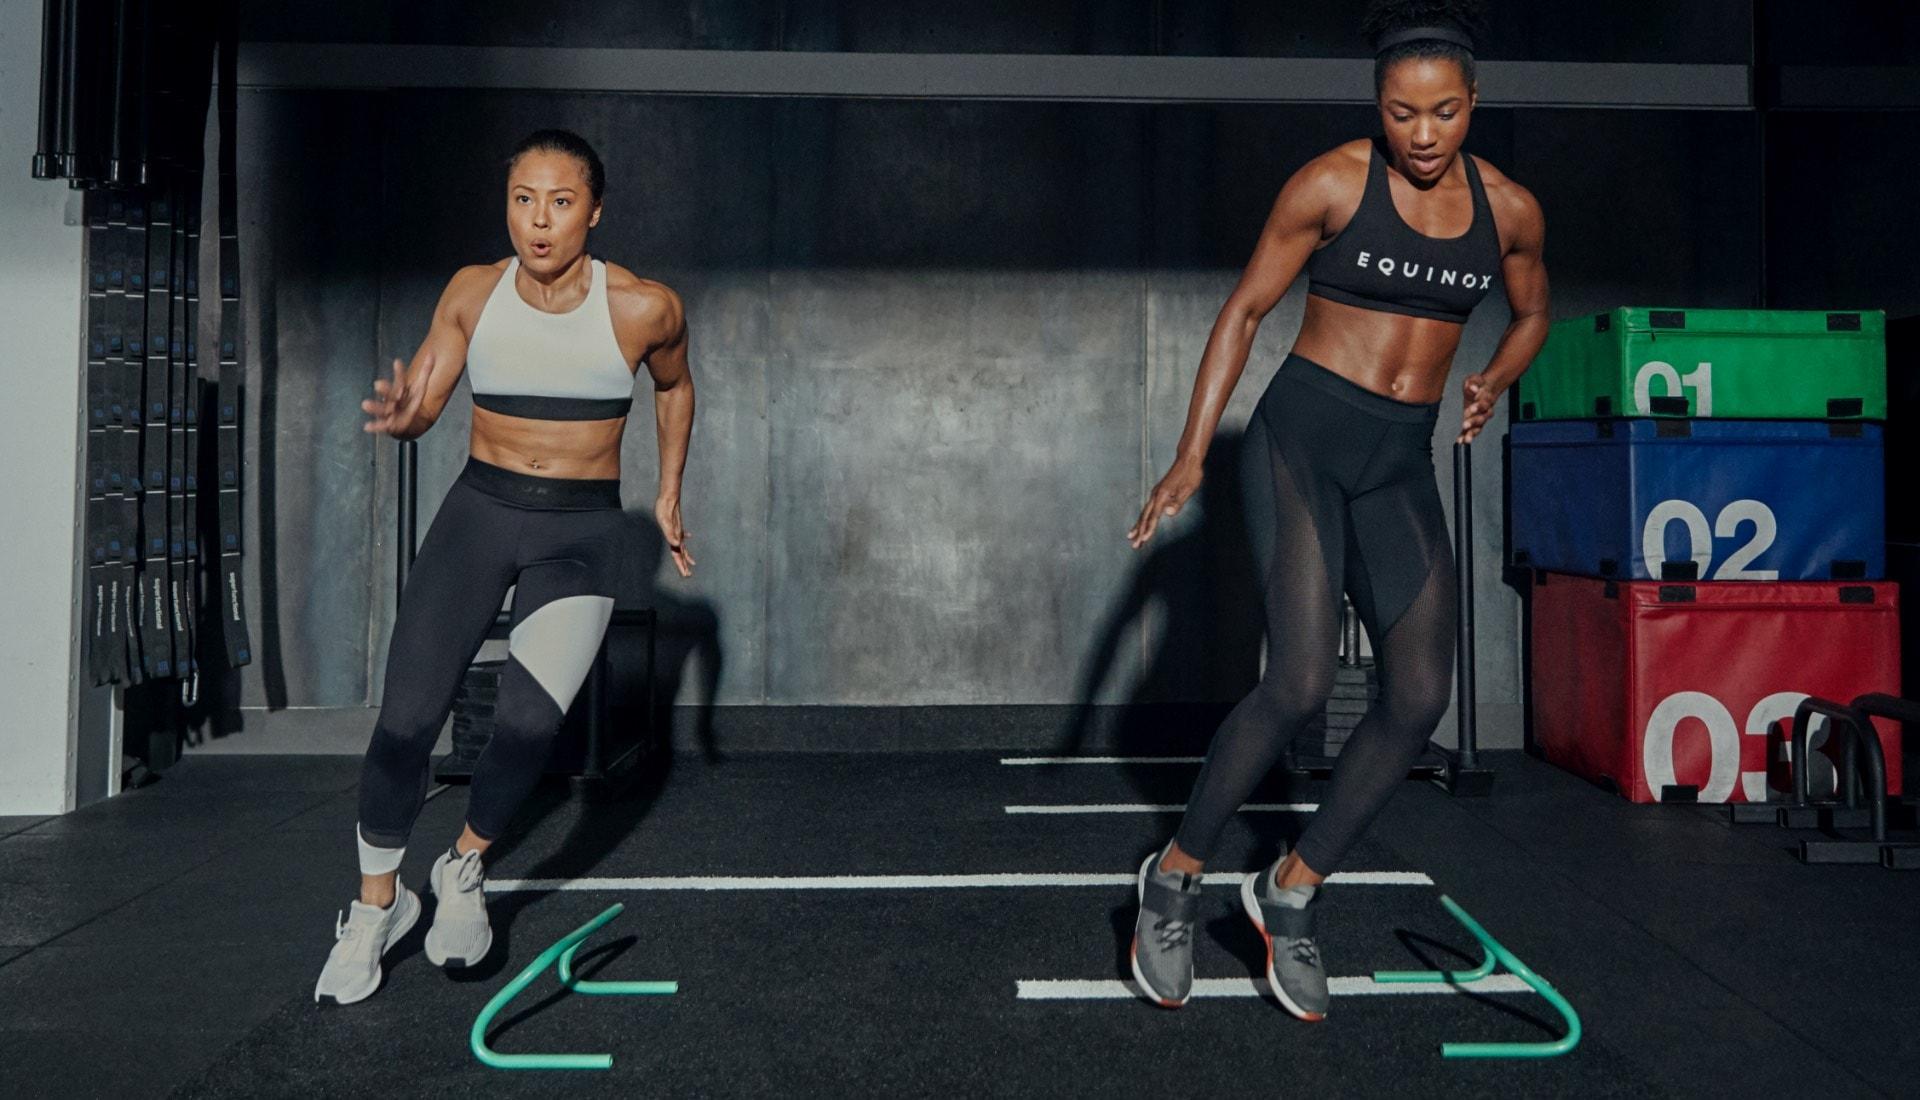 Equinox gym deals 2018